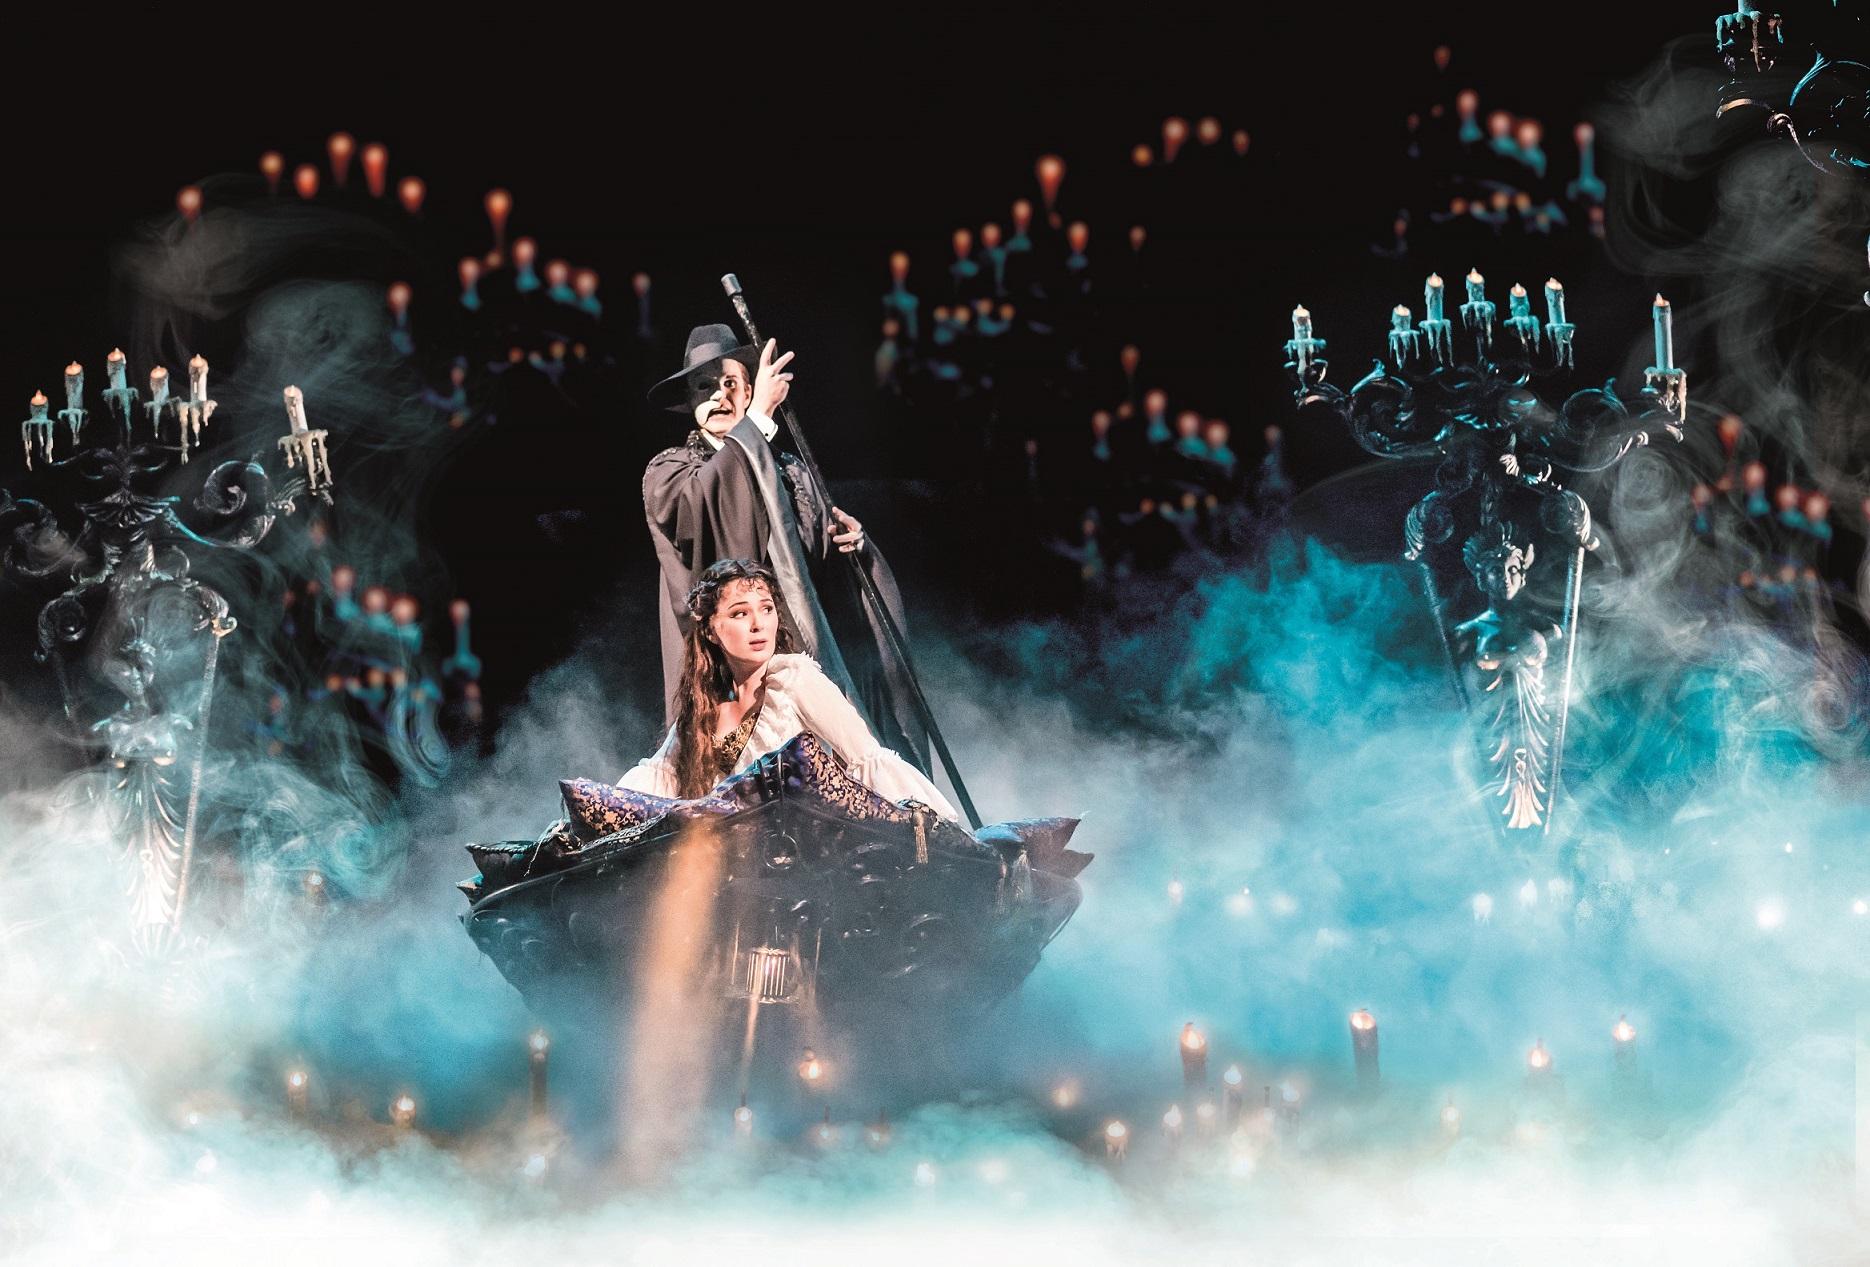 دبي أوبرا تستضيفالمسرحية الغنائية ذا فانتوم أوف ذا أوبرا